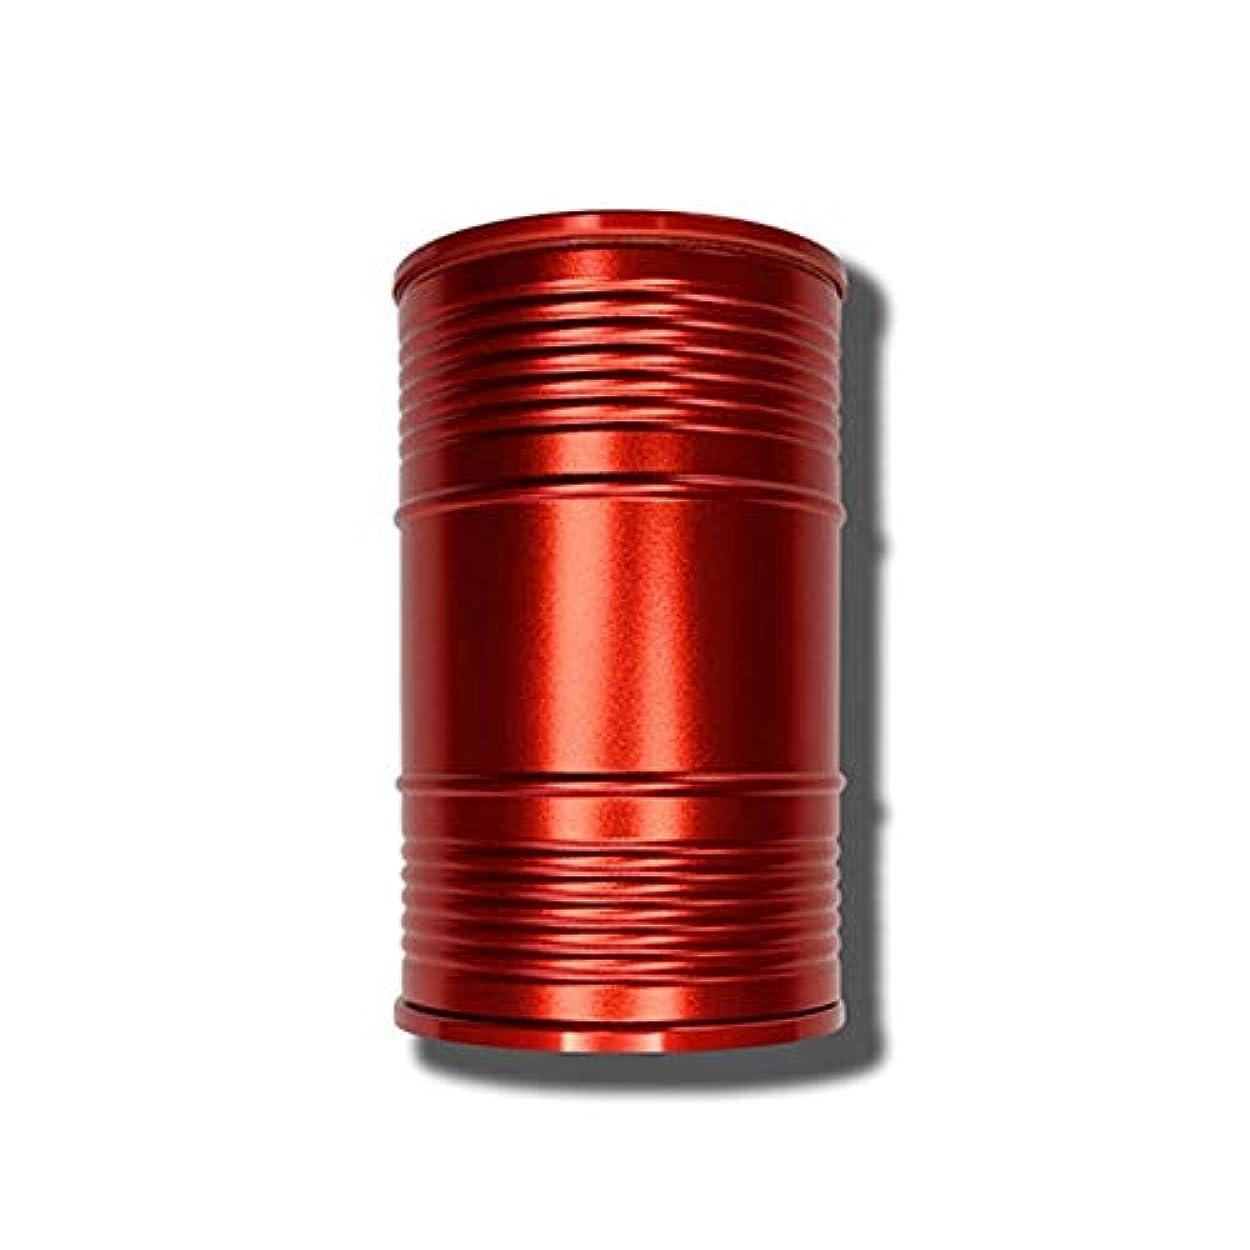 ワンダー海峡シンク創造的なオイルバレル形状ミニ車ポータブル灰皿カバーデザイン個性創造的な金属室内装飾、品質保証 (色 : 赤)